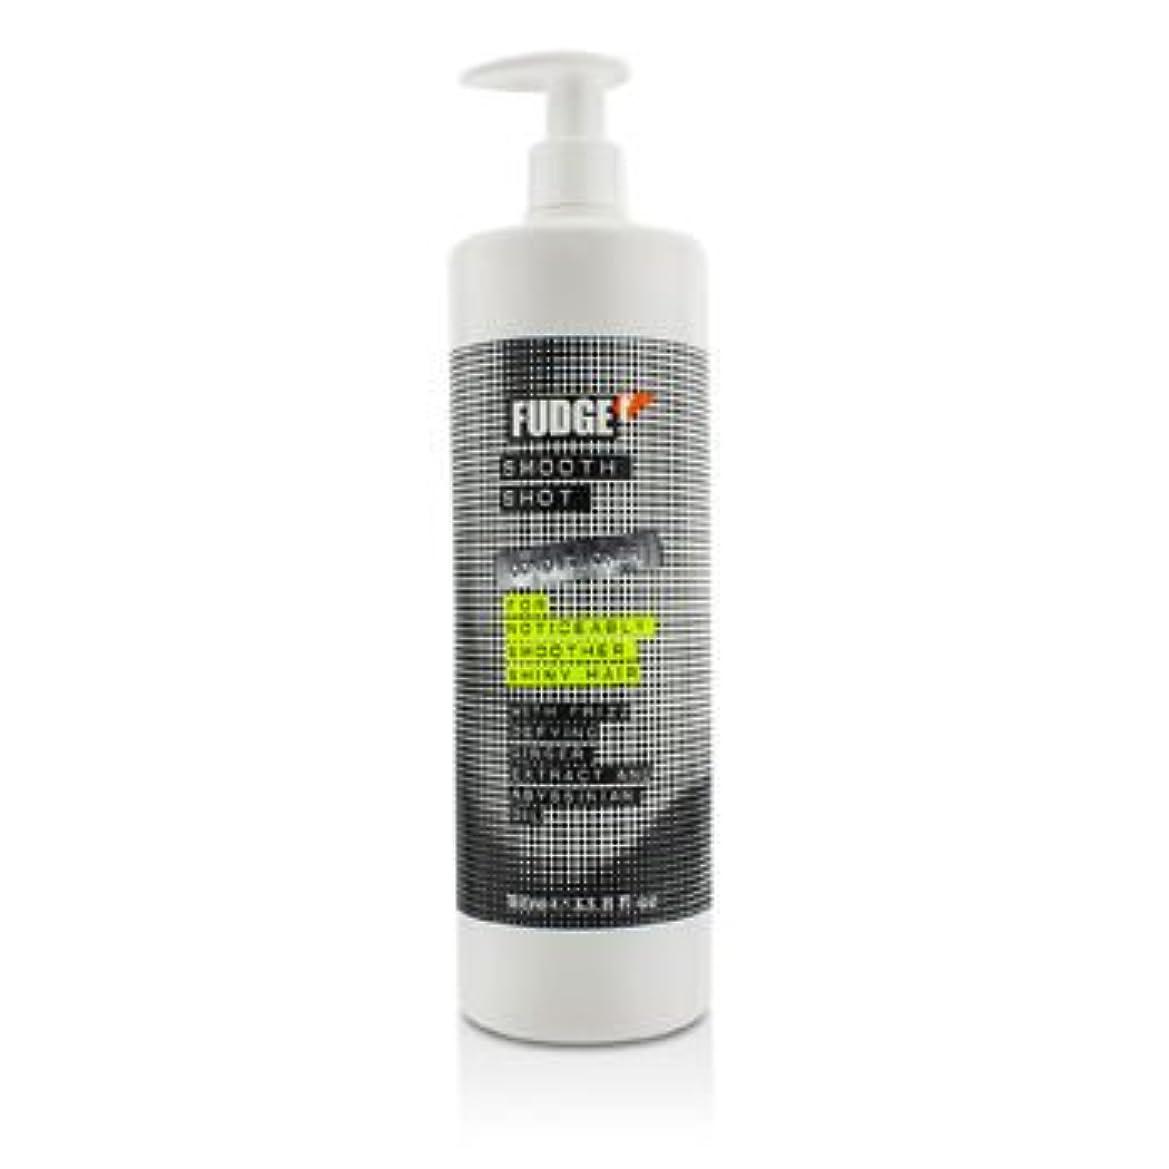 後者距離創傷[Fudge] Smooth Shot Conditioner (For Noticeably Smoother Shiny Hair) 1000ml/33.8oz